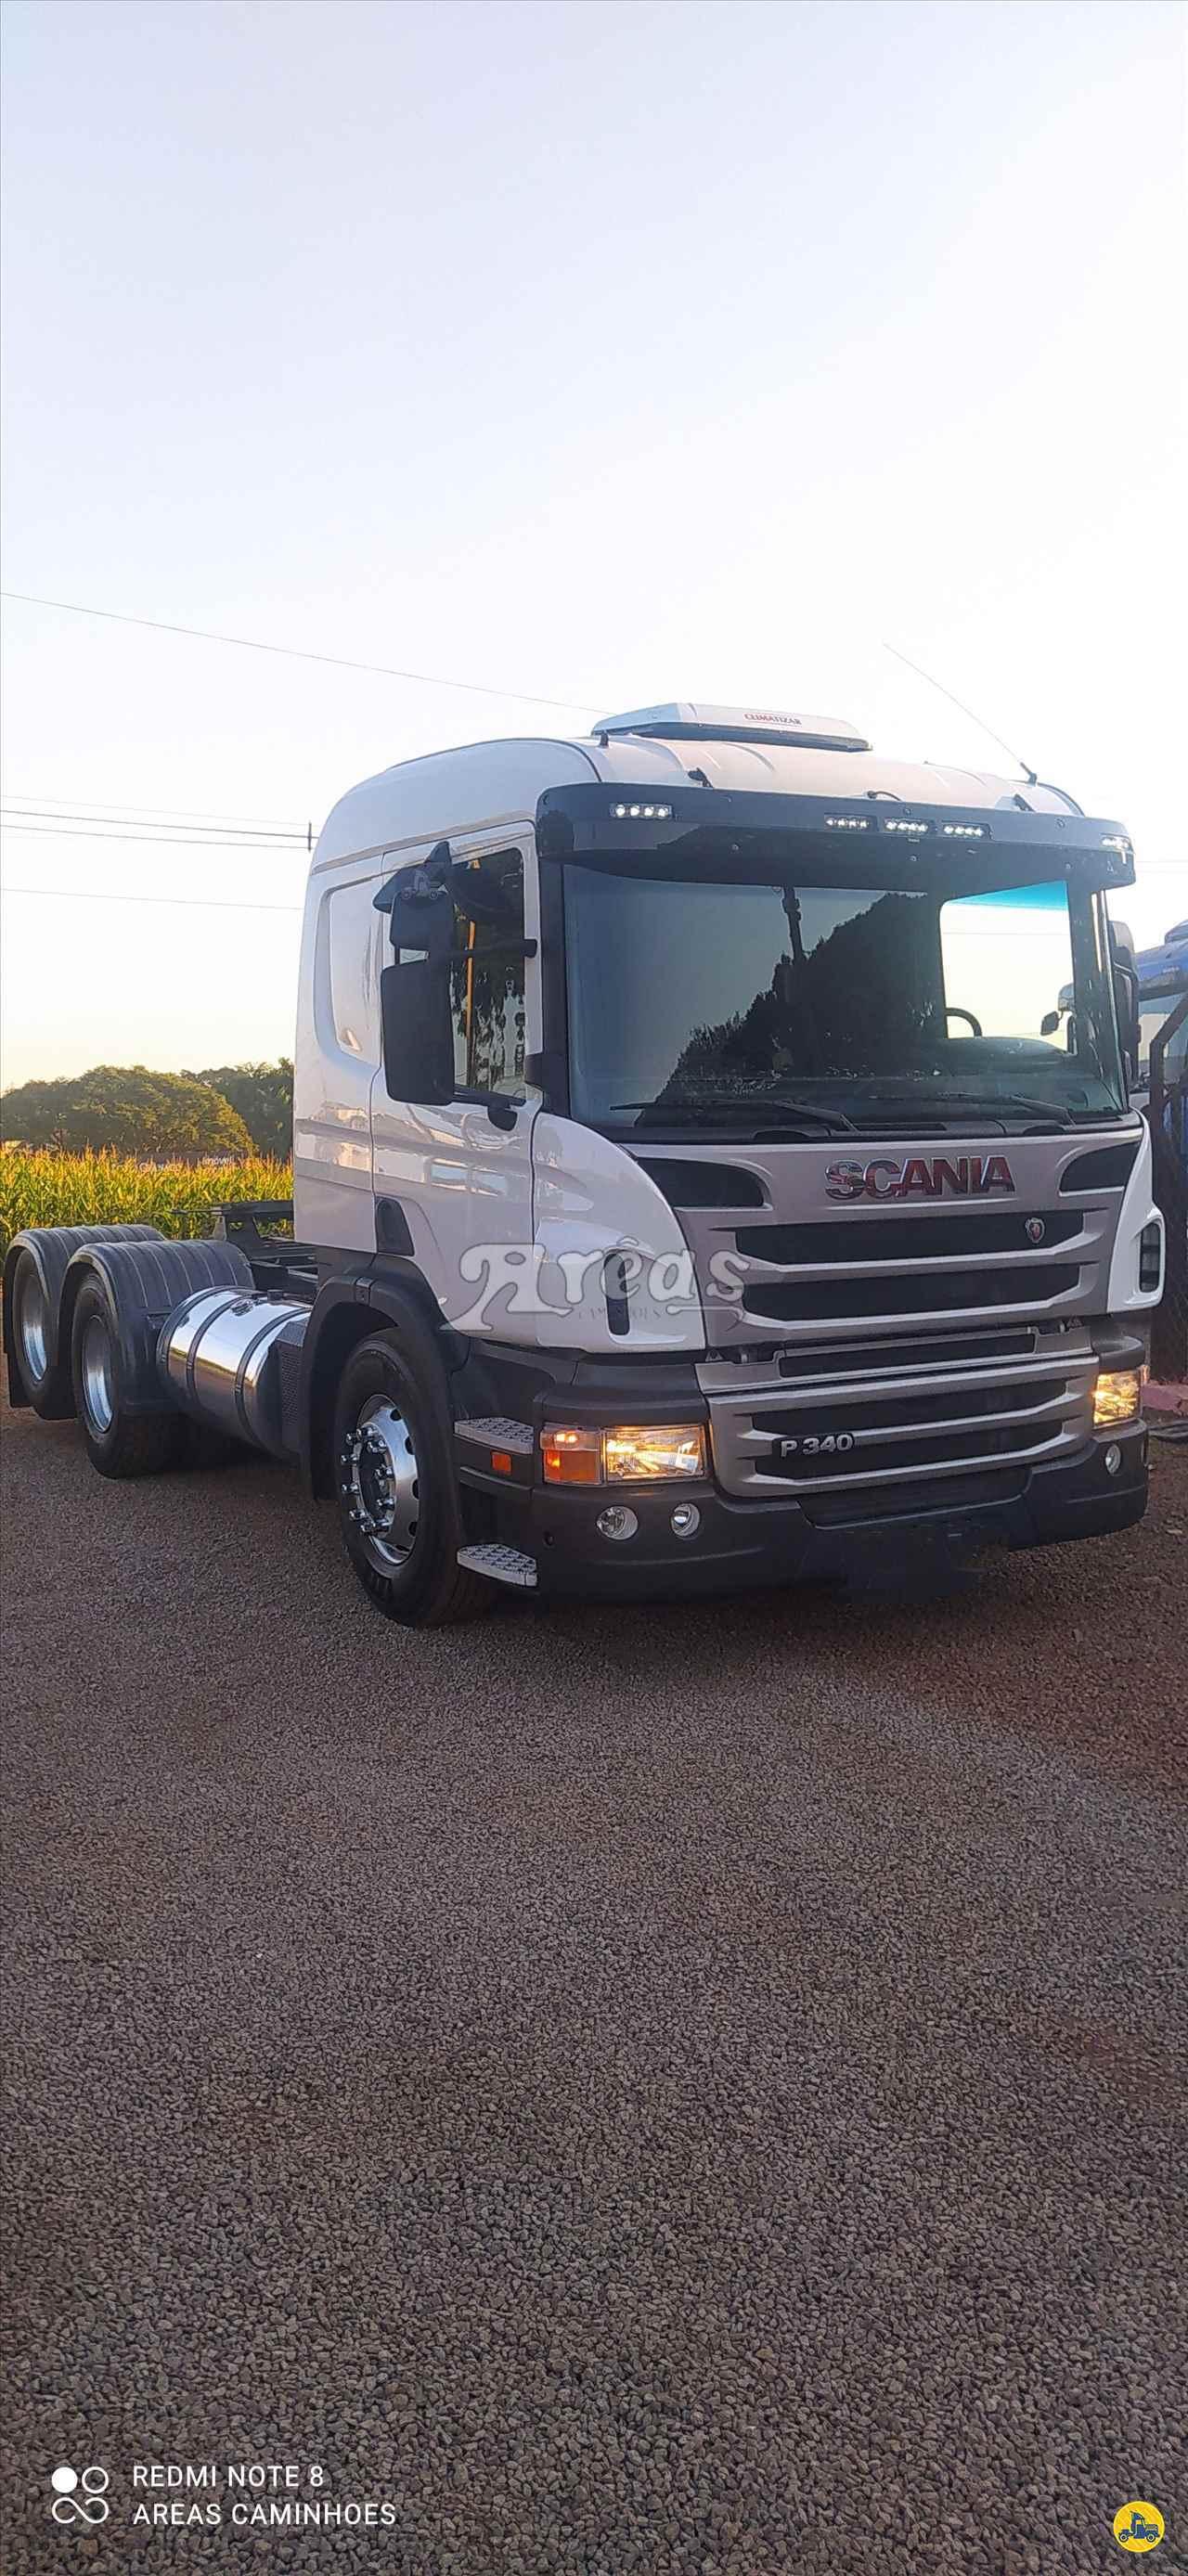 CAMINHAO SCANIA SCANIA P340 Cavalo Mecânico Truck 6x2 Arêas Caminhões MARINGA PARANÁ PR